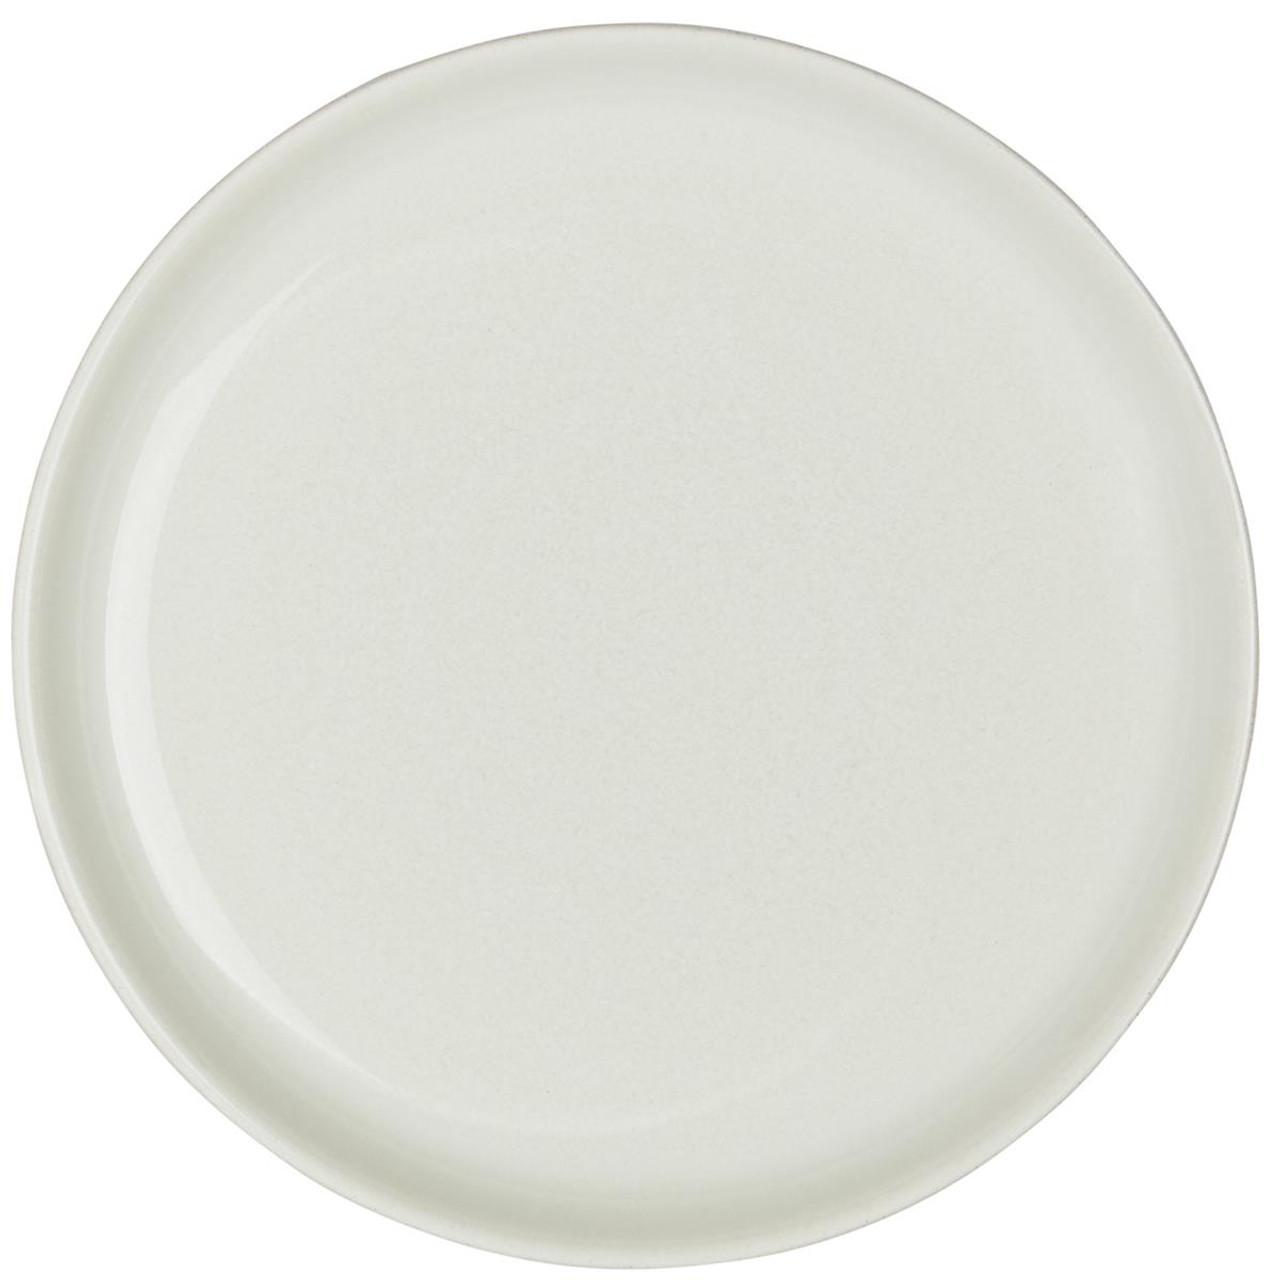 Denby Linen Medium Coupe Plate